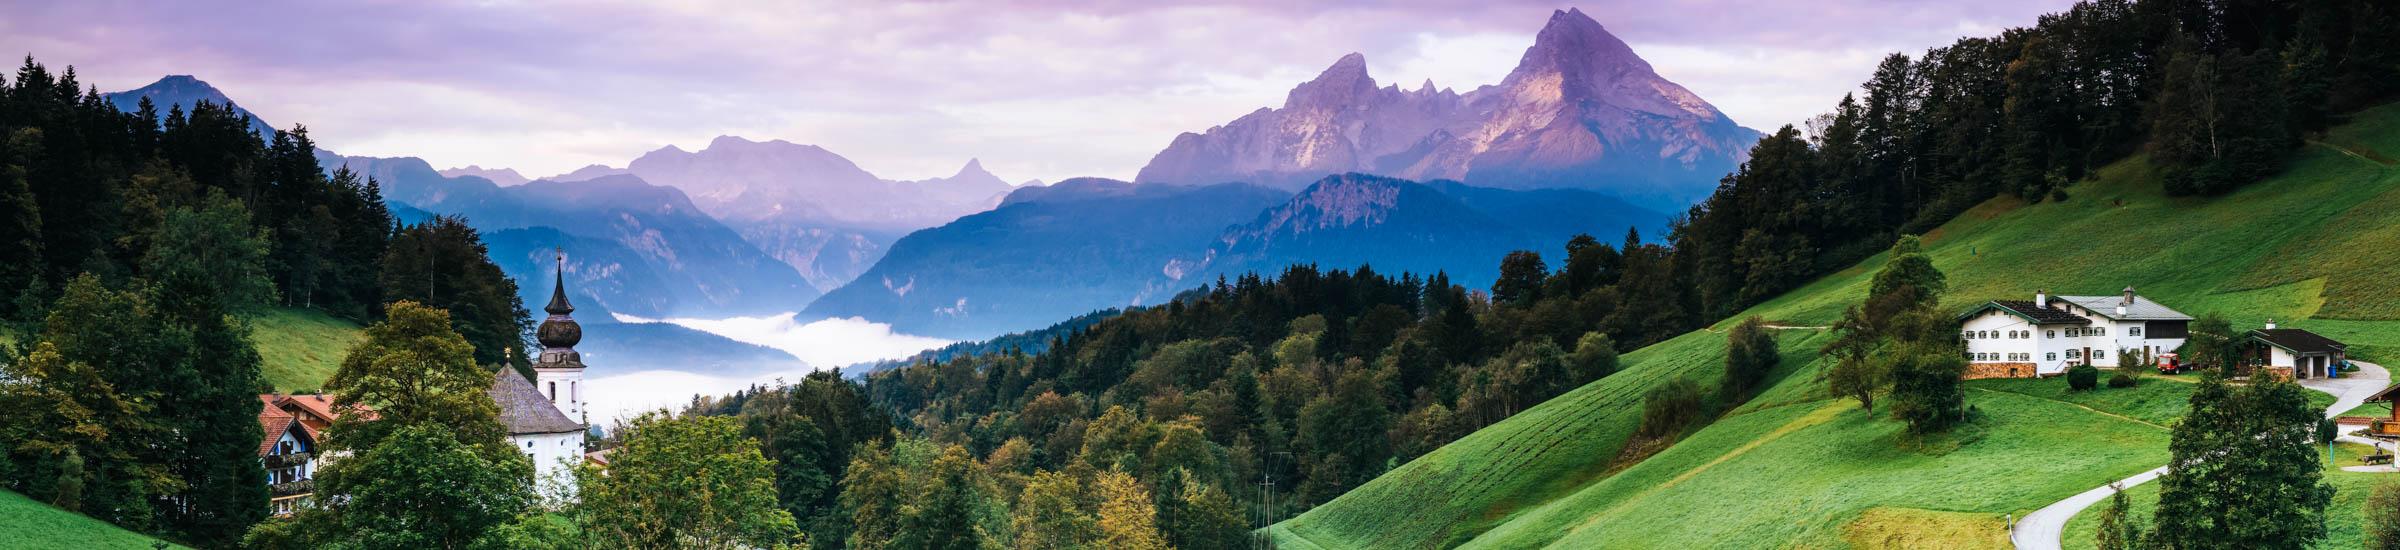 Blick auf die Berge und den See im Berchtesgardener Land, Vorstellung Bayerns Urlaubsregionen